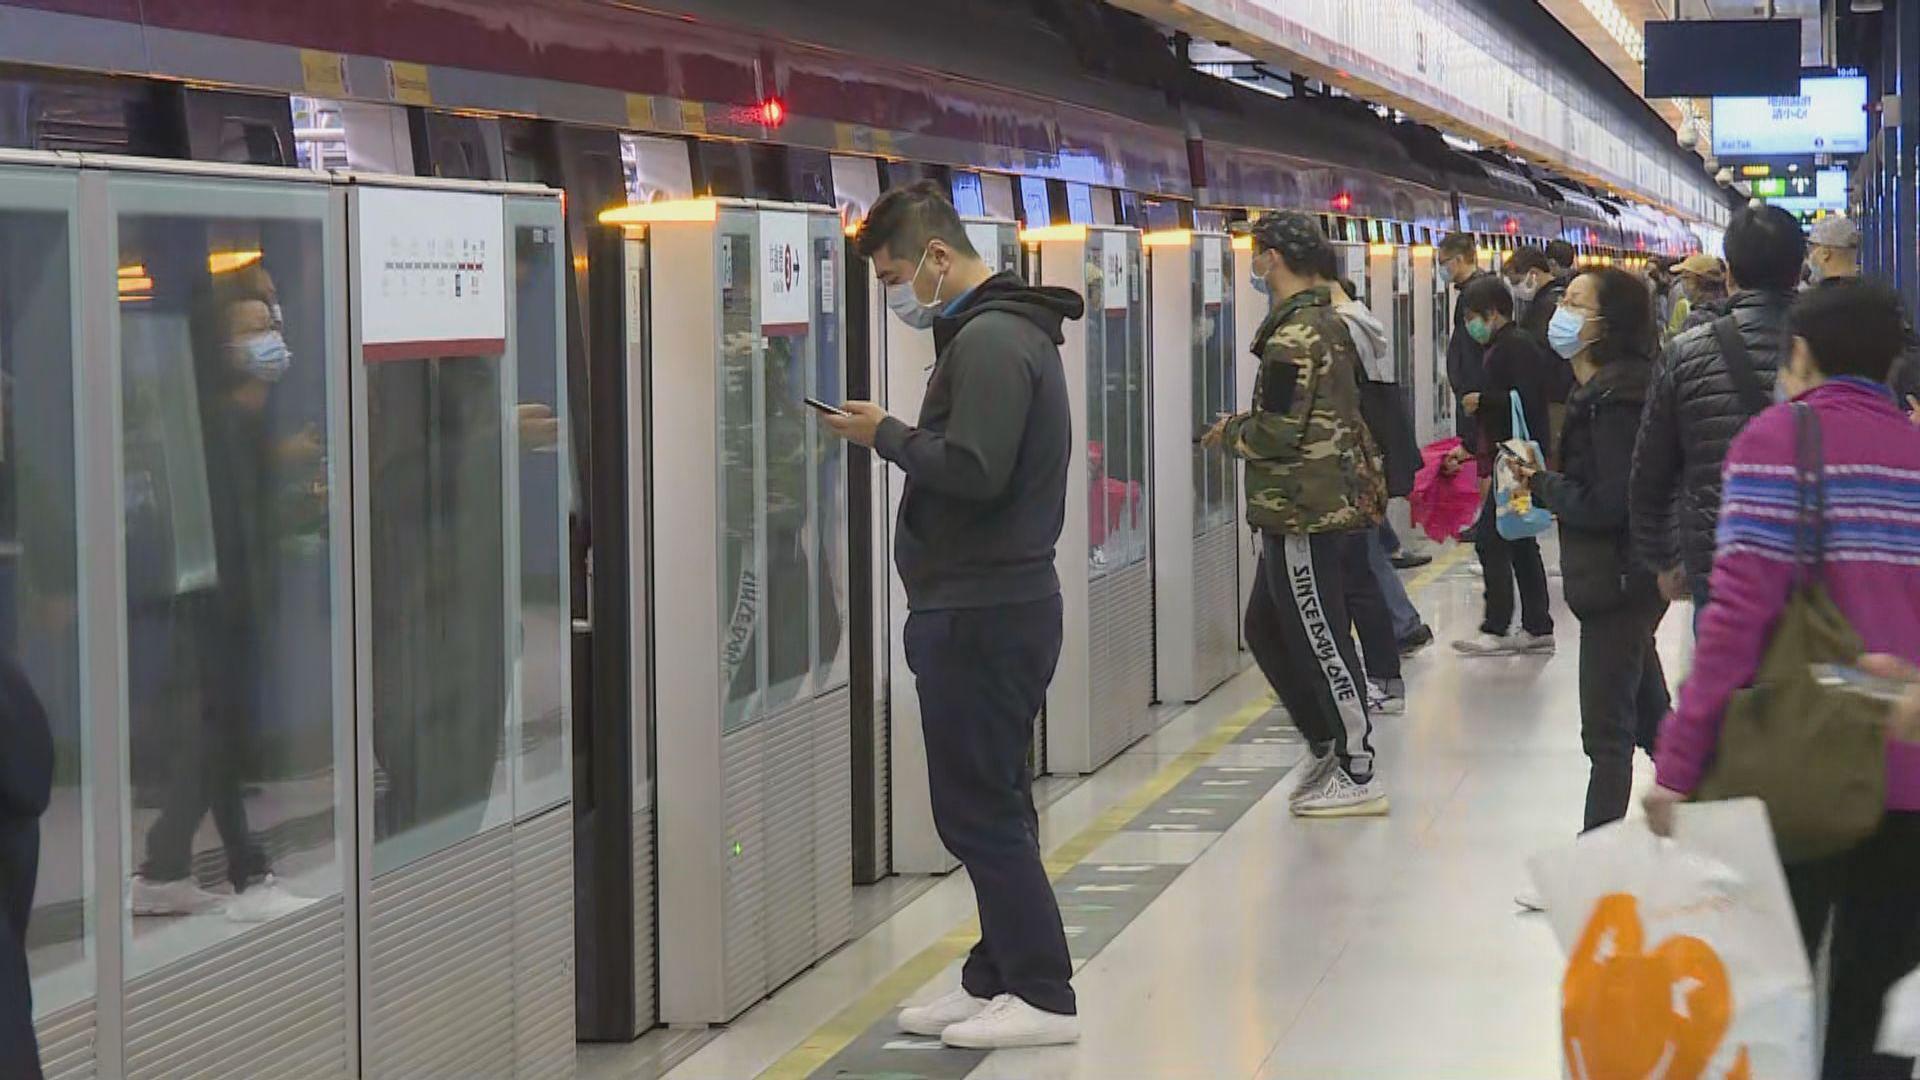 【屯馬綫通車】有乘客會視乎情況決定是否轉乘新路線